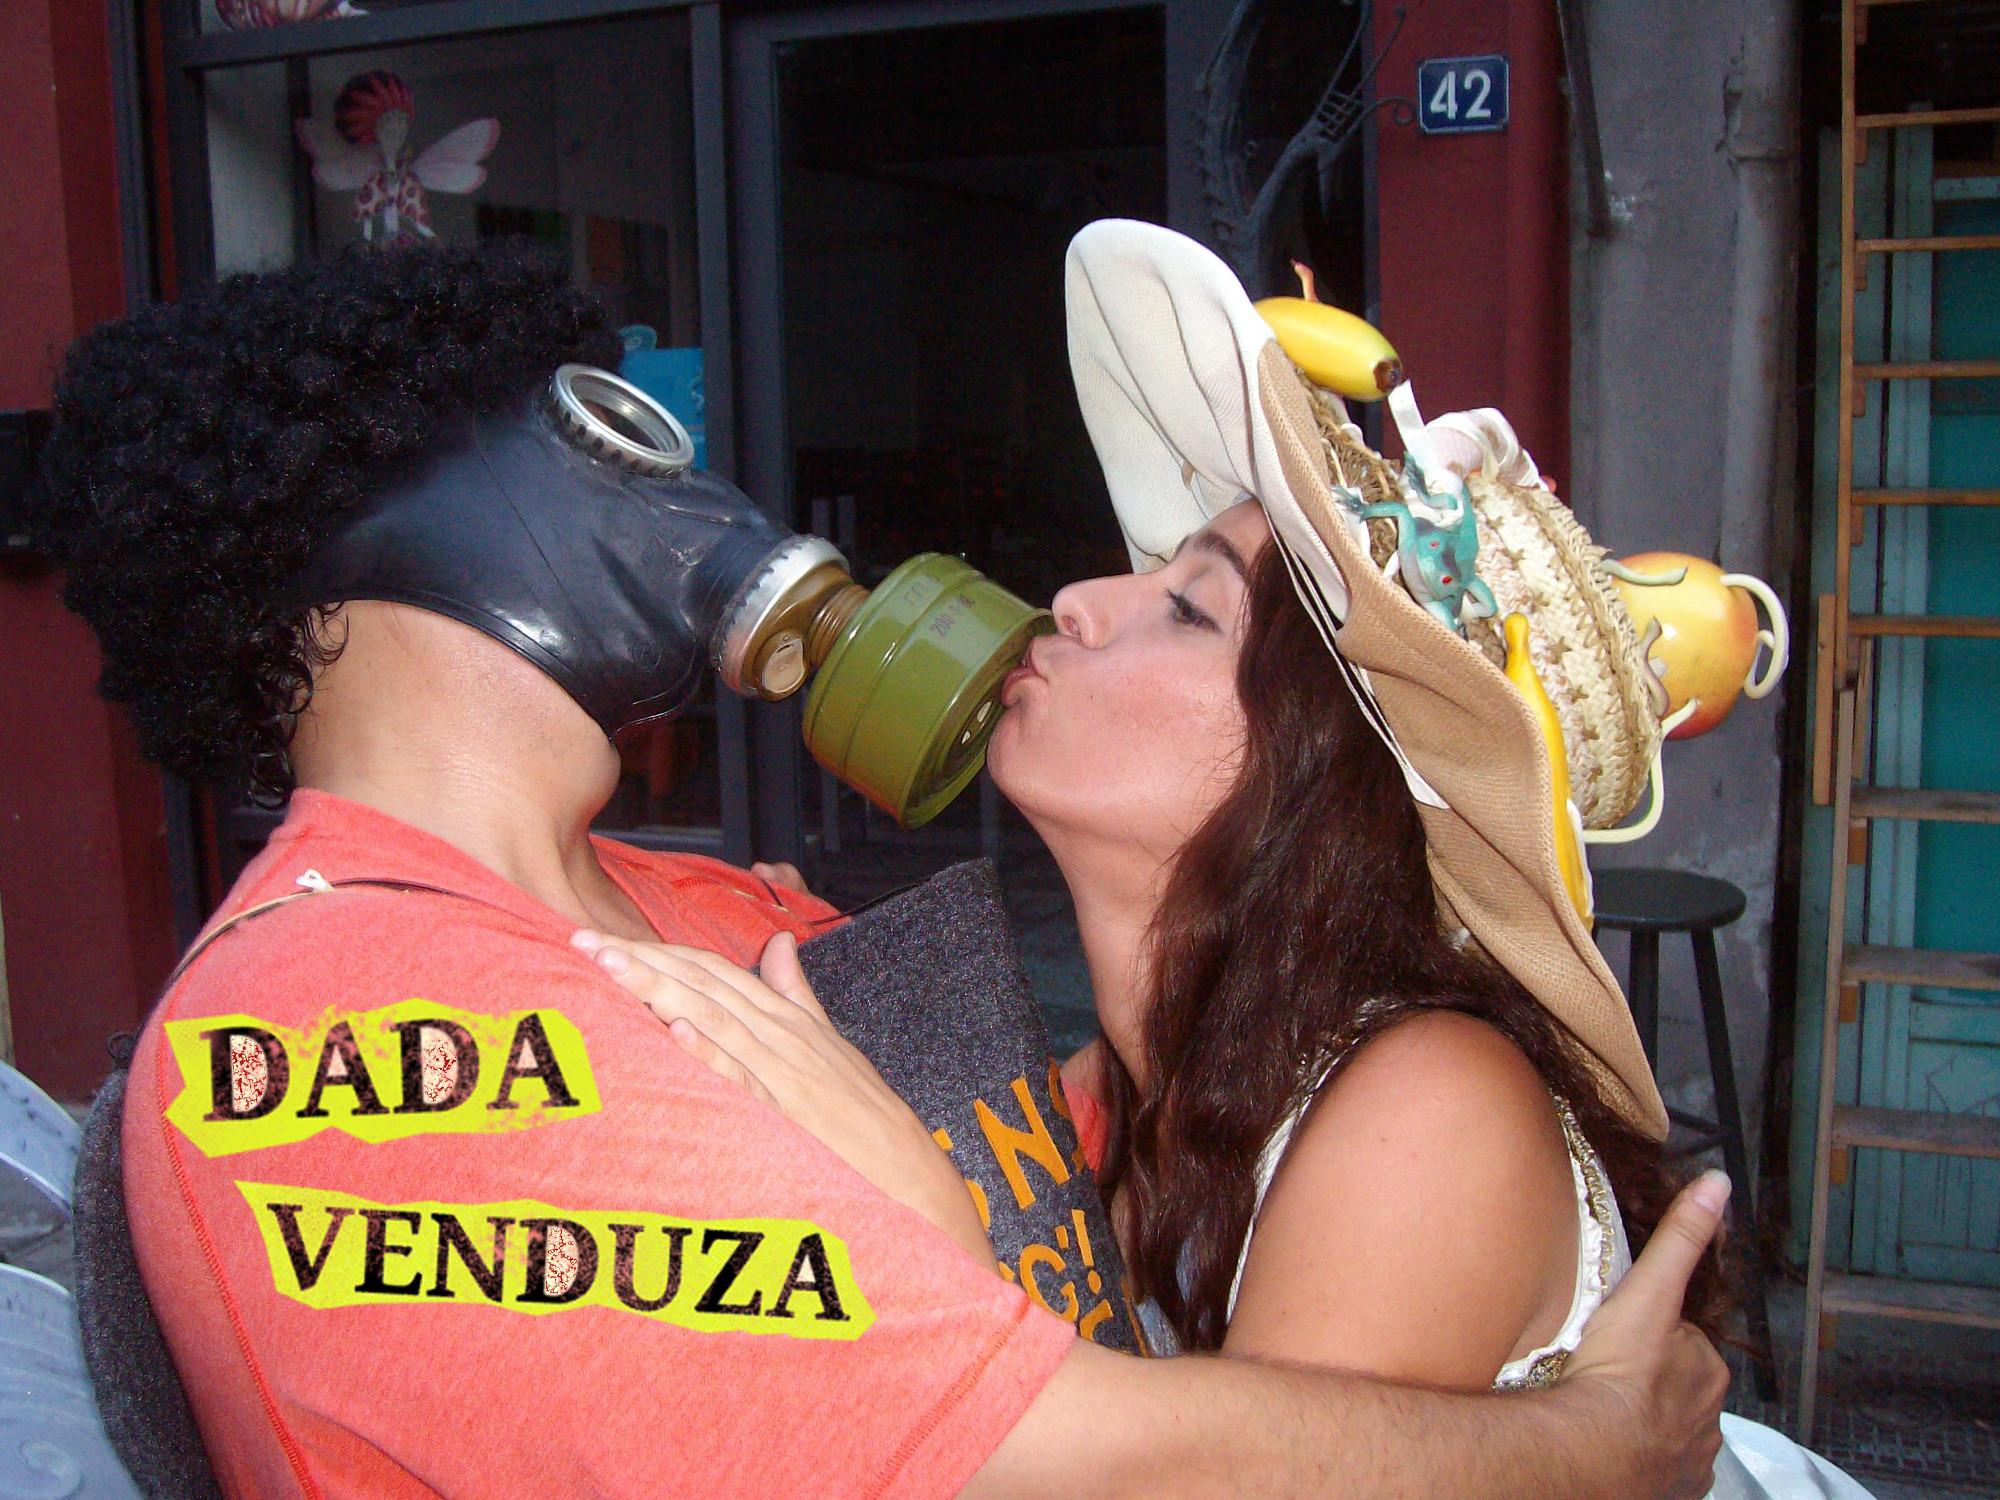 Dada Goddess - Dada Venduza